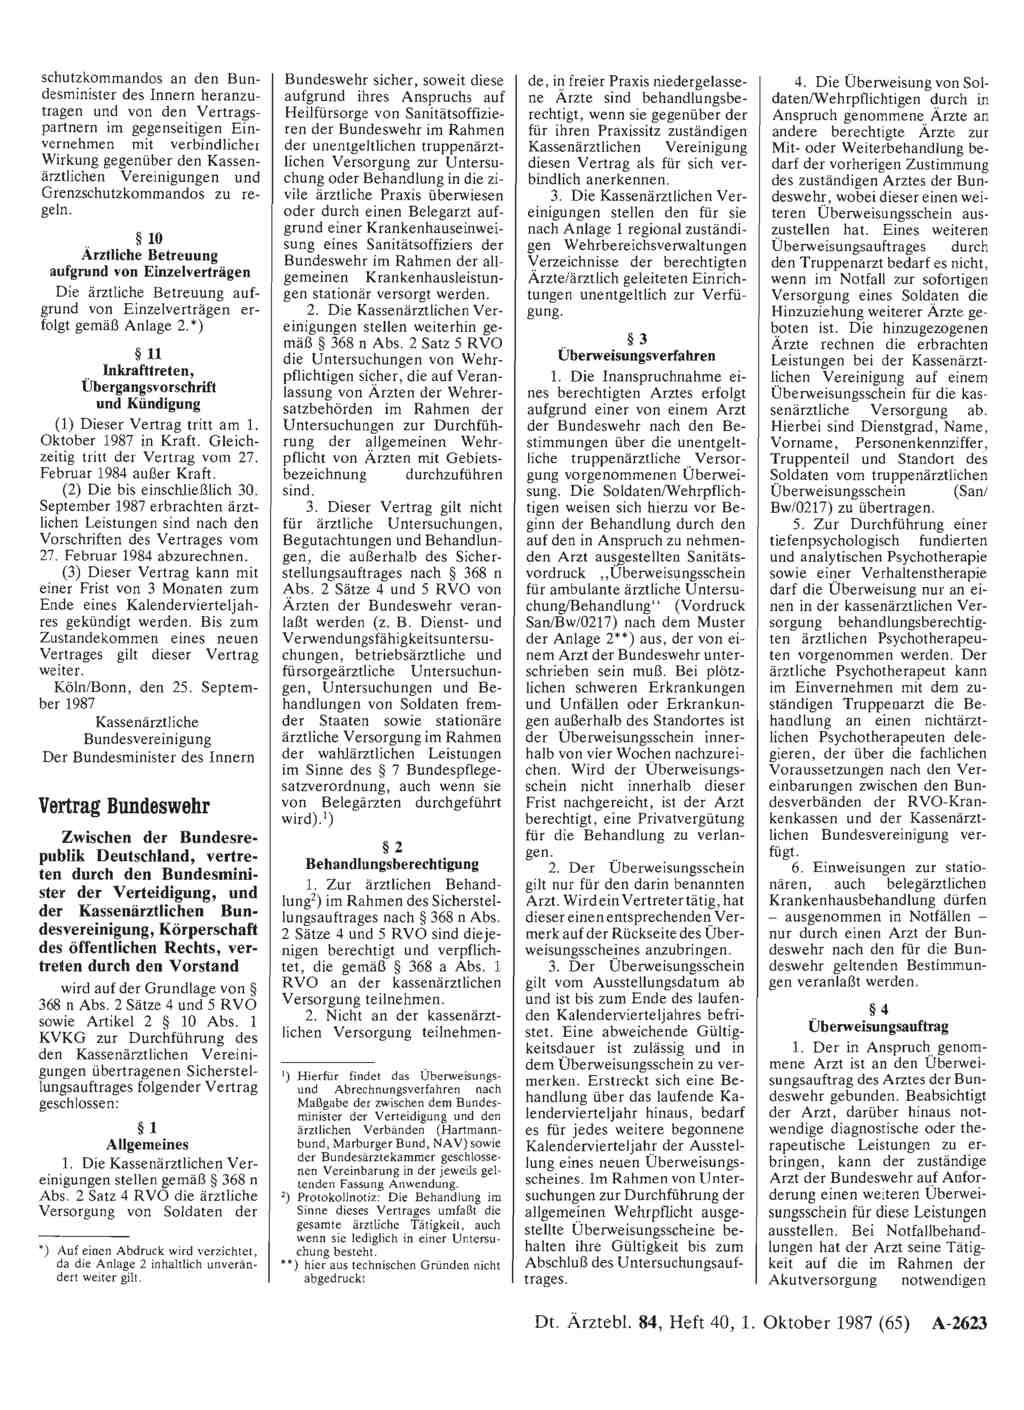 Vertrag Bundeswehr